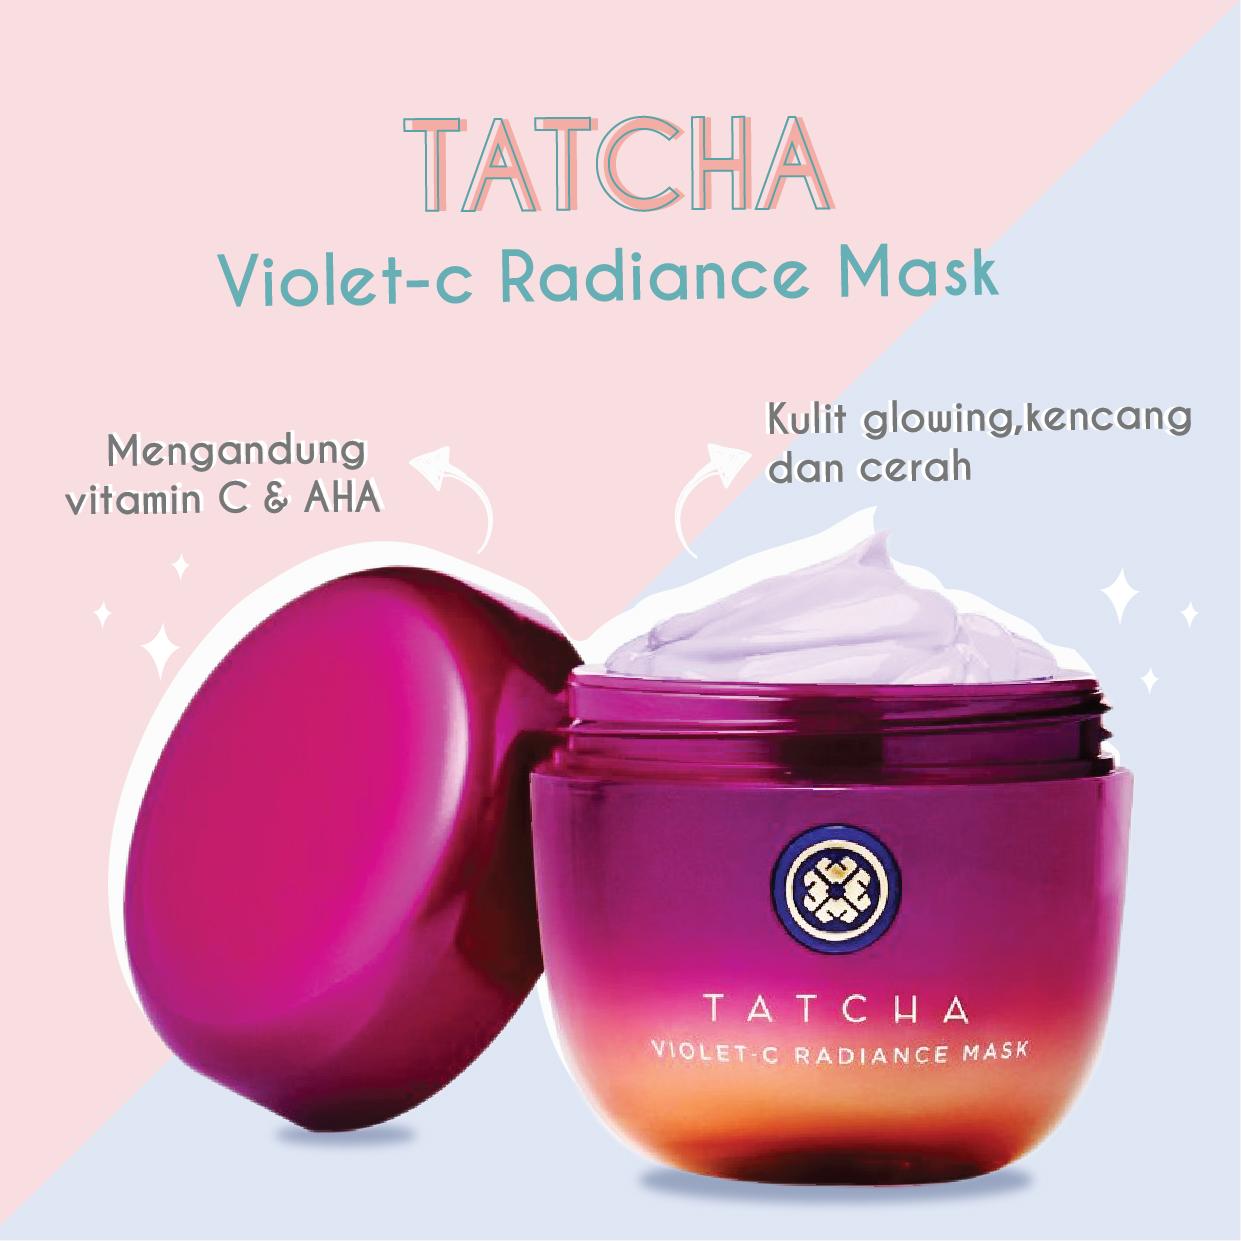 tatcha Mask